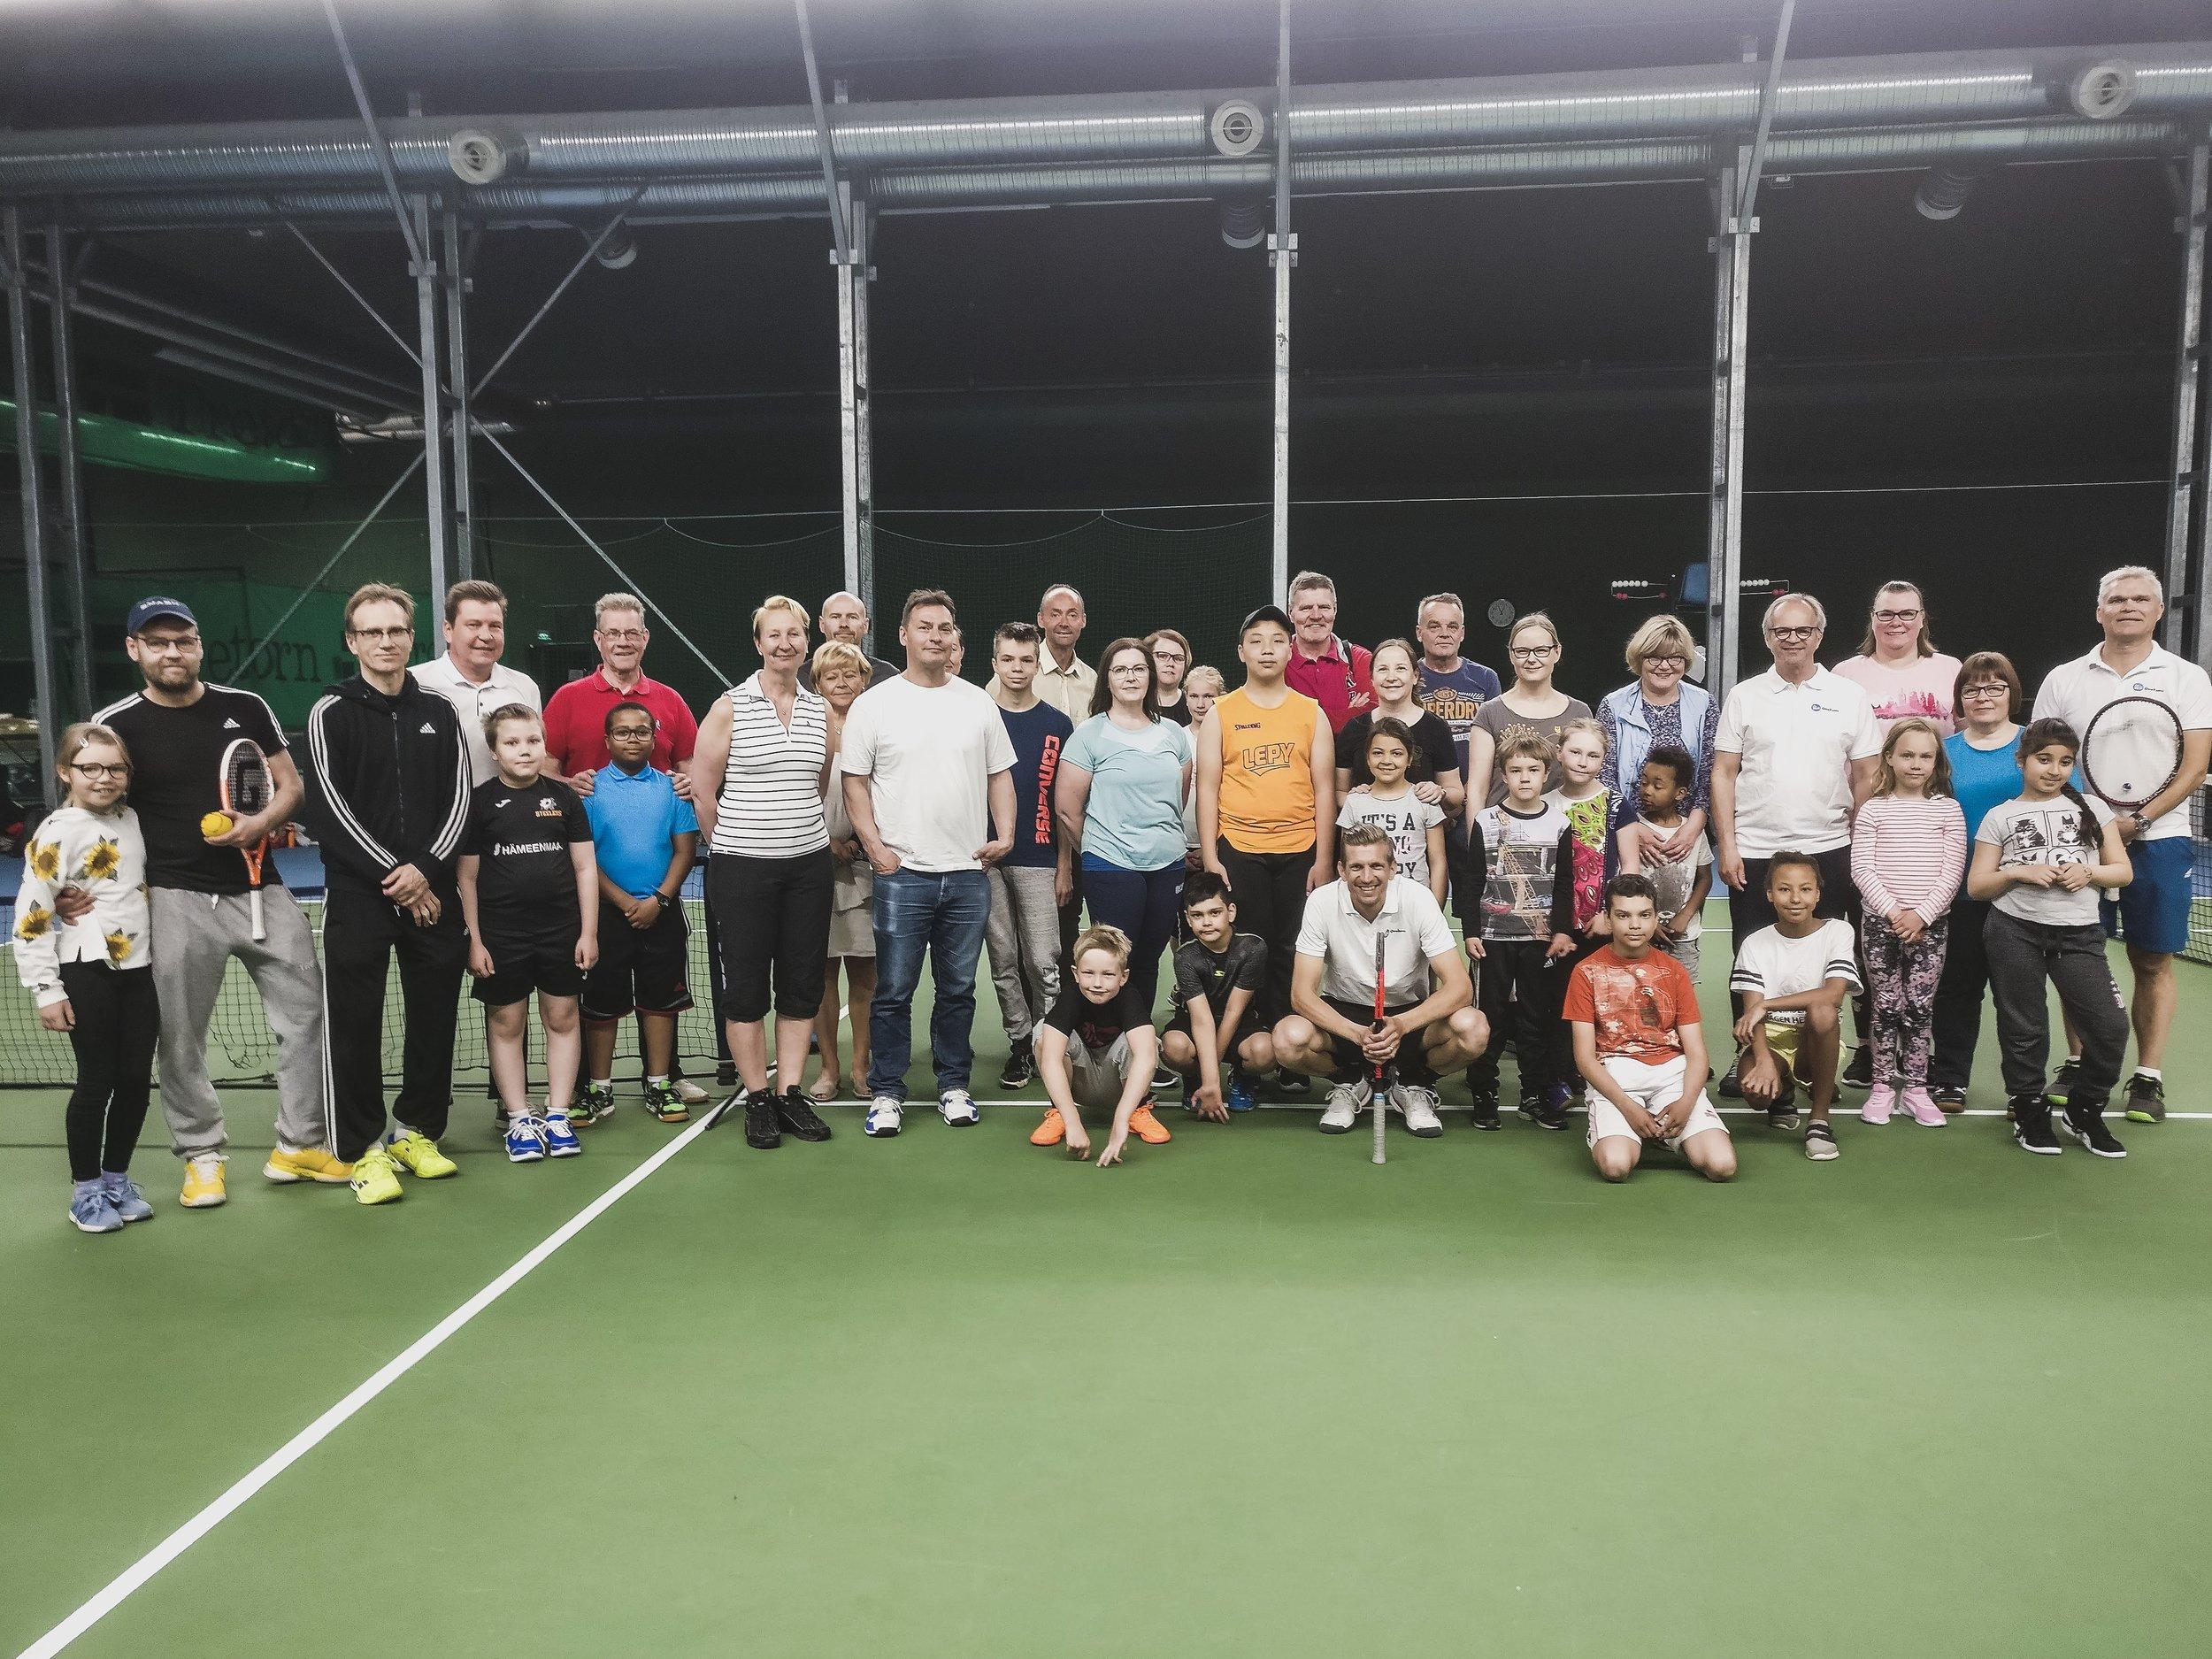 OmaKamun tennistapahtuma lapsille, nuorille ja aikuiskavereille. Ohjaamassa Jarkko Nieminen.